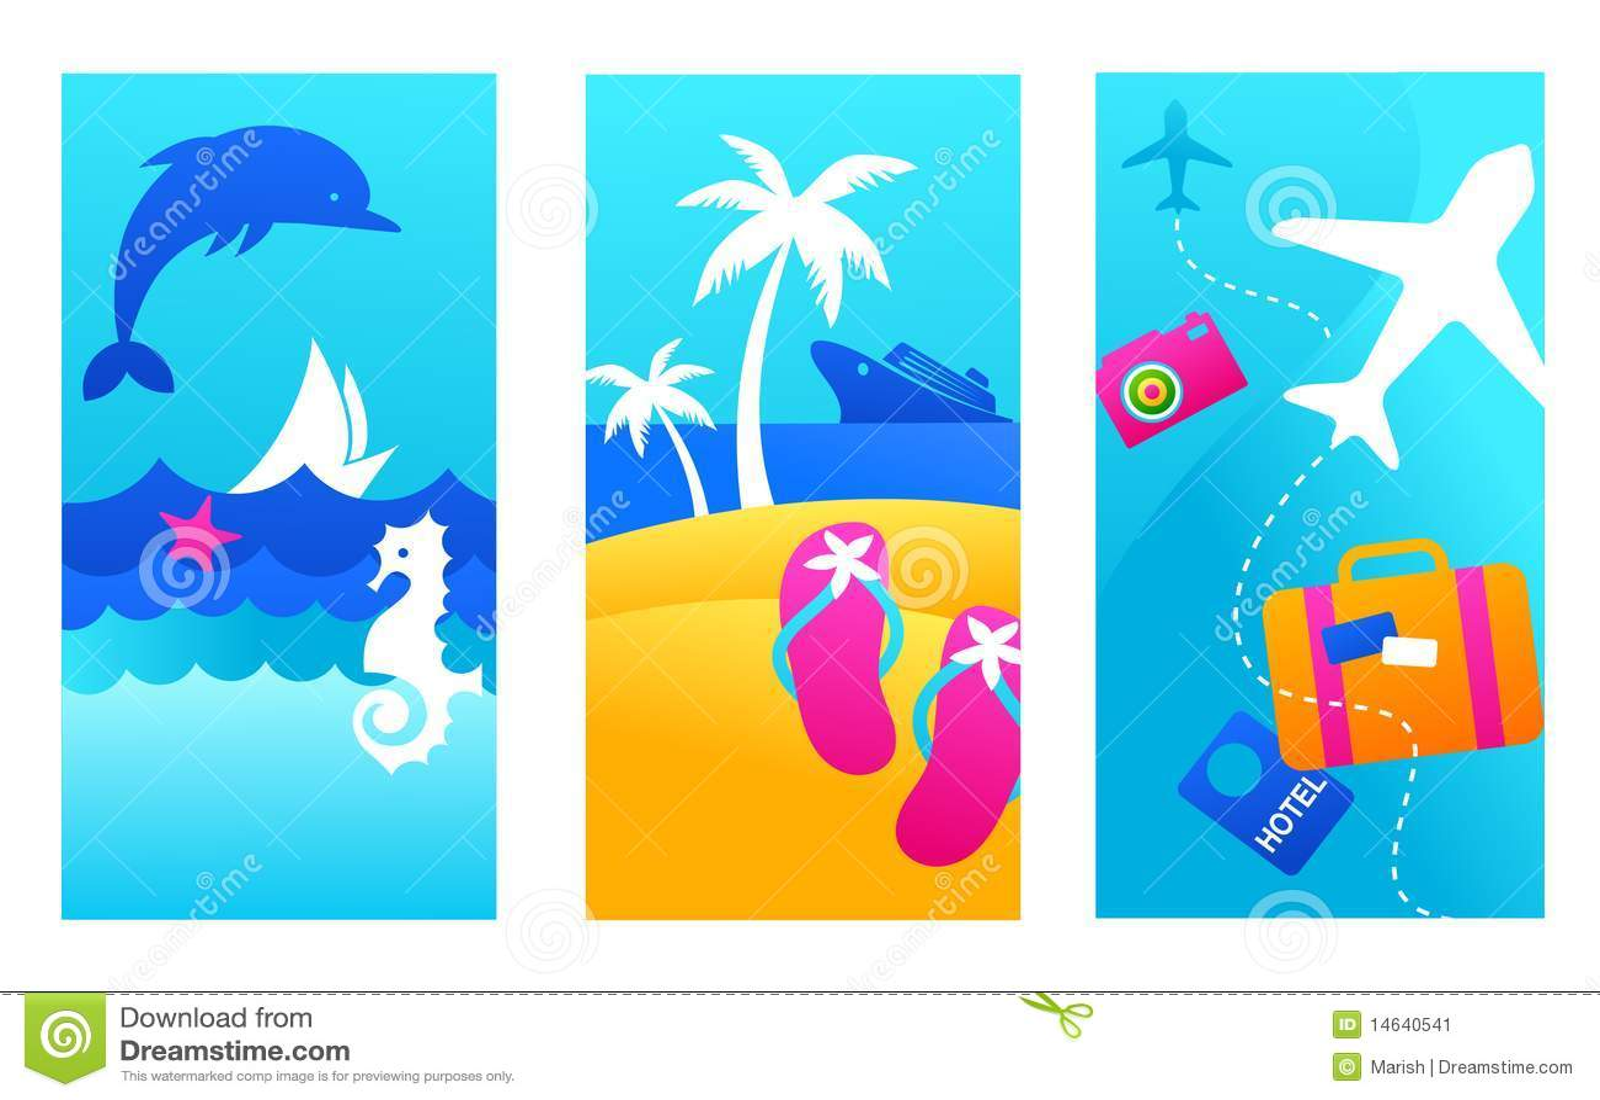 Fondos De Las Vacaciones De Verano Imagen de archivo - Imagen ...